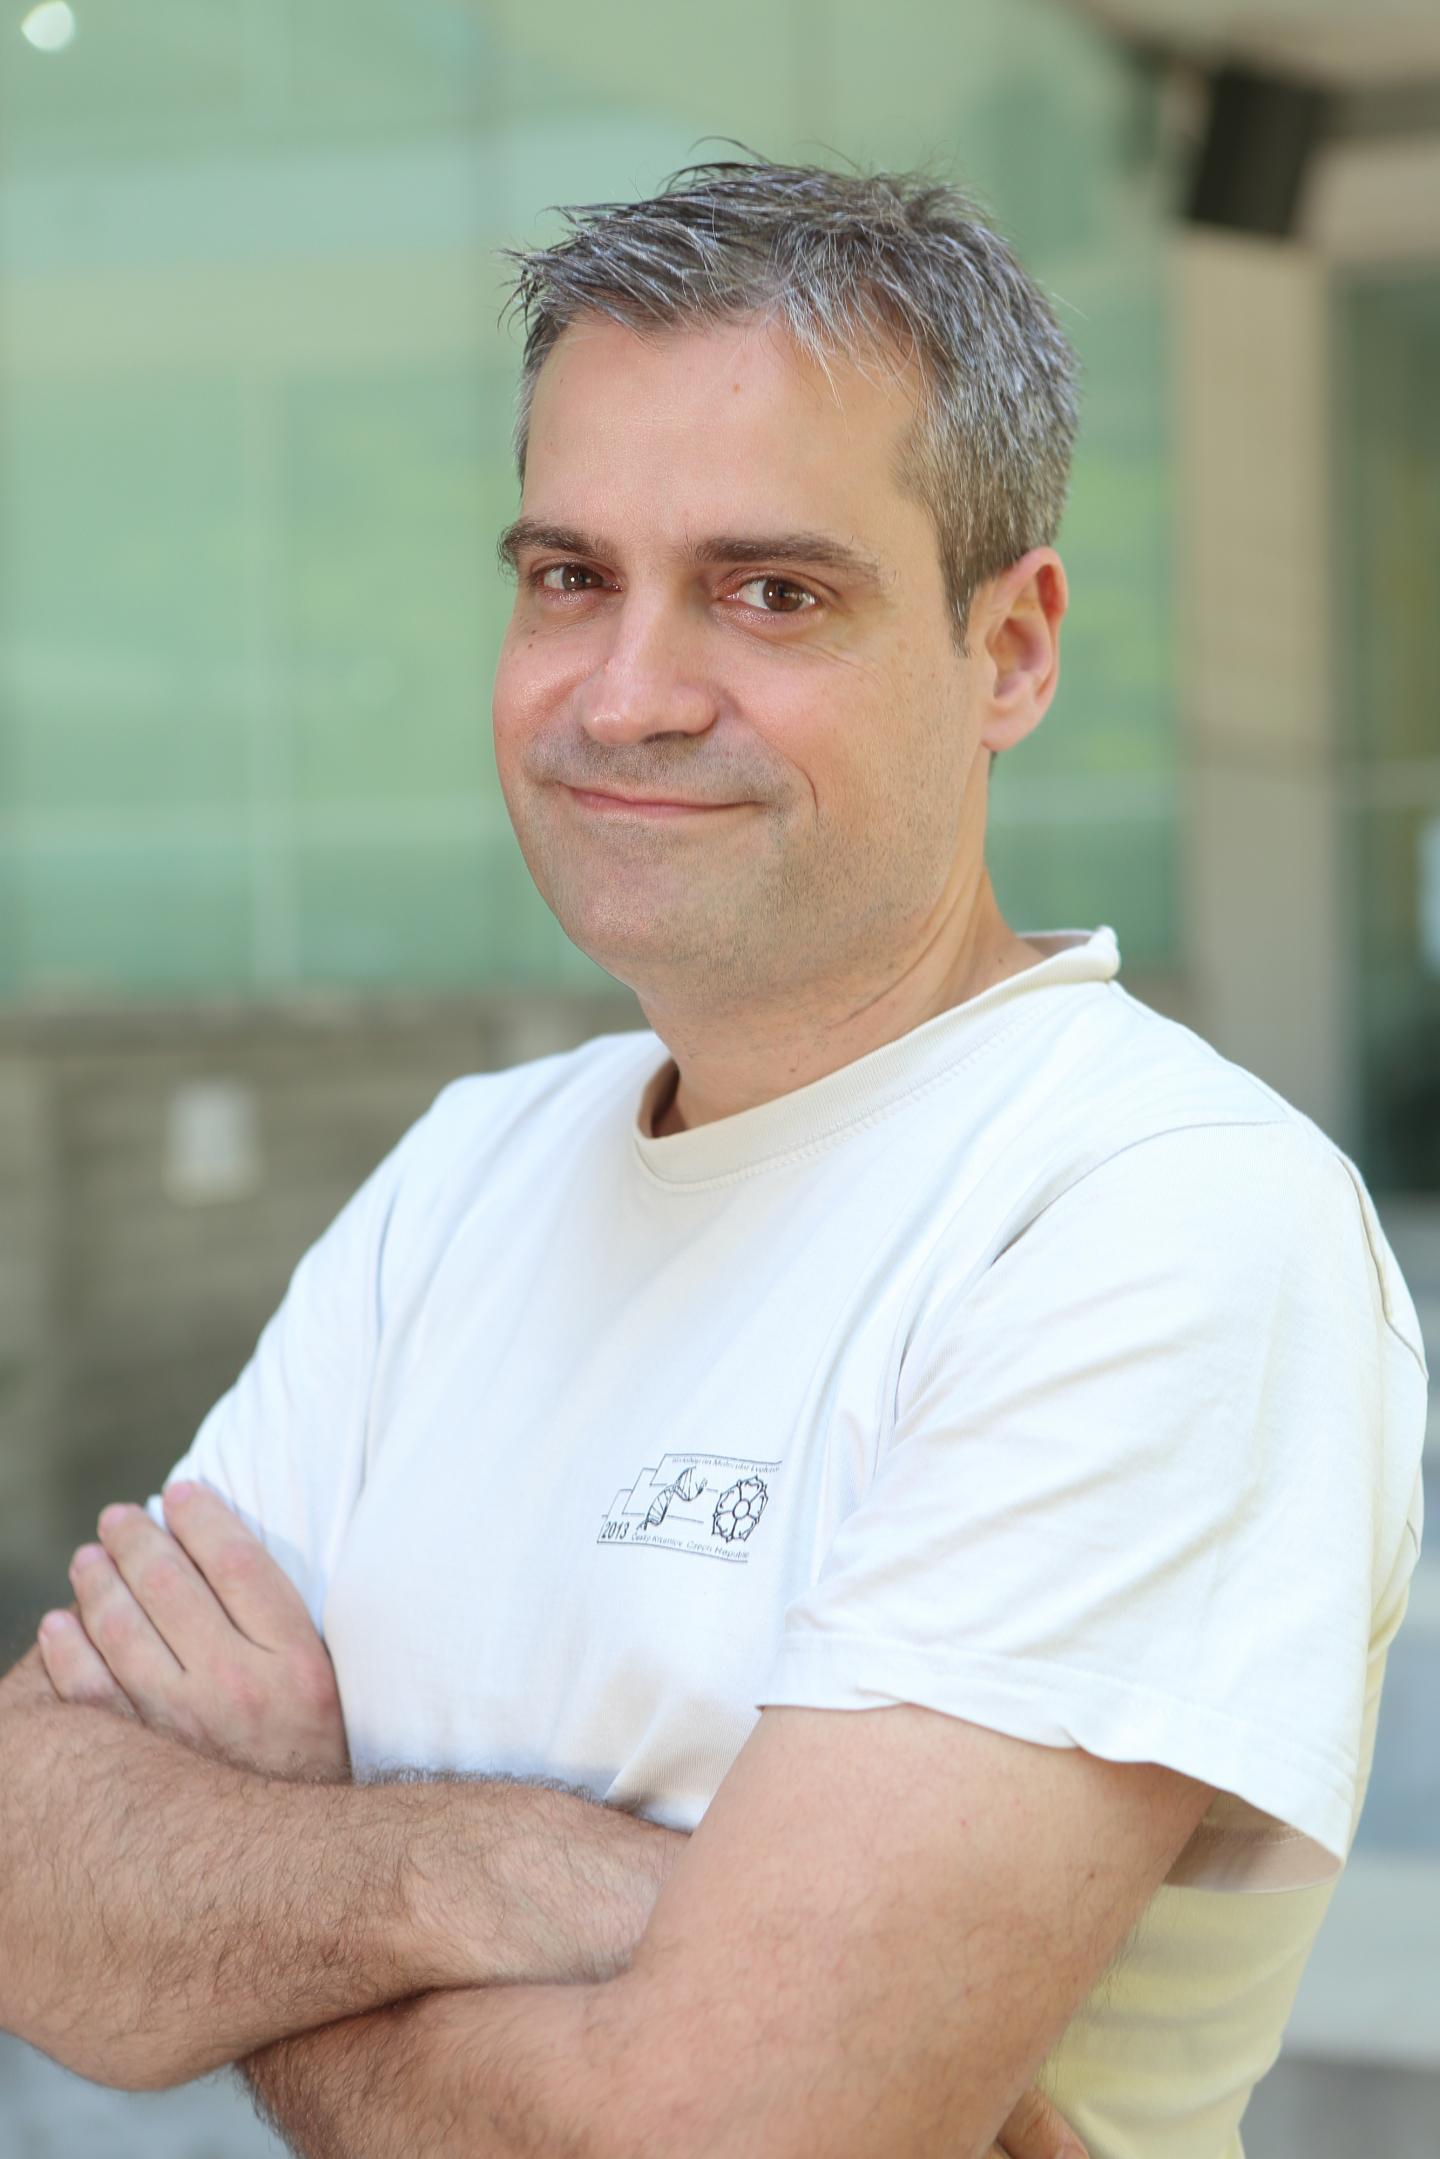 Toni Gabaldon, Center for Genomic Regulation